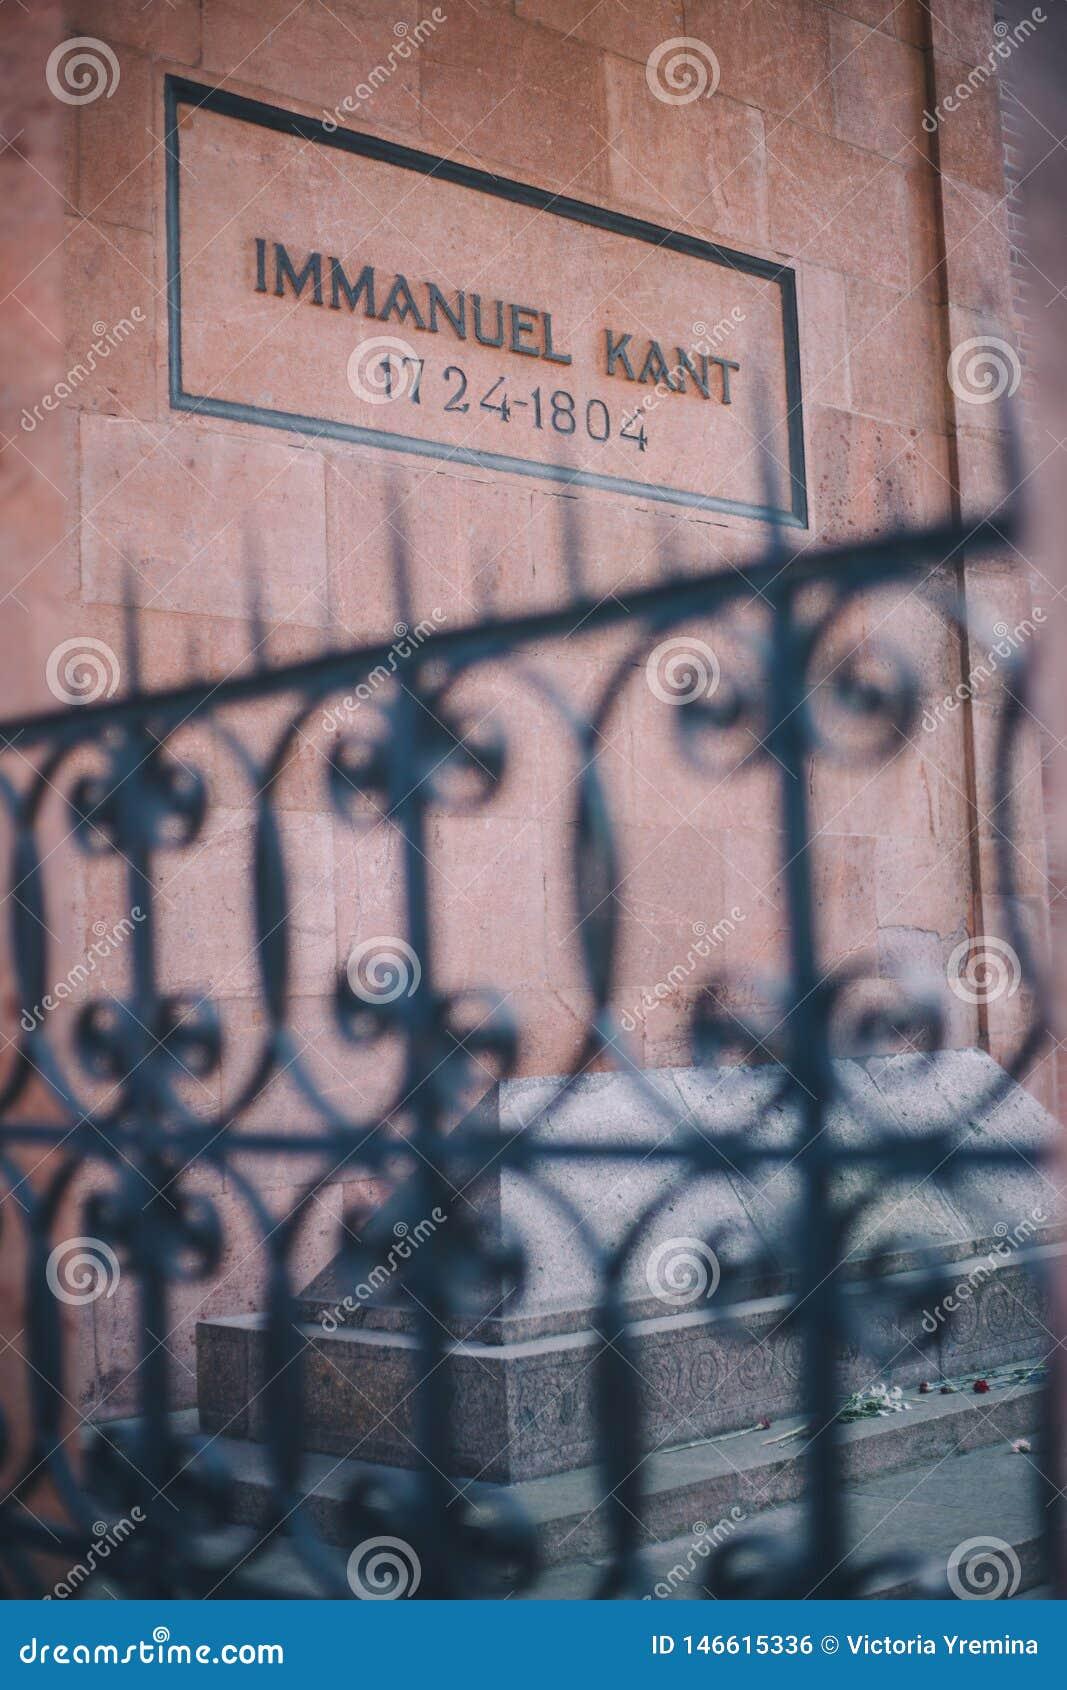 Vereinigung Kaliningrads, Russland - 5. Mai 2018: Immanuel Kants Grab außerhalb des Zauns in Kaliningrad